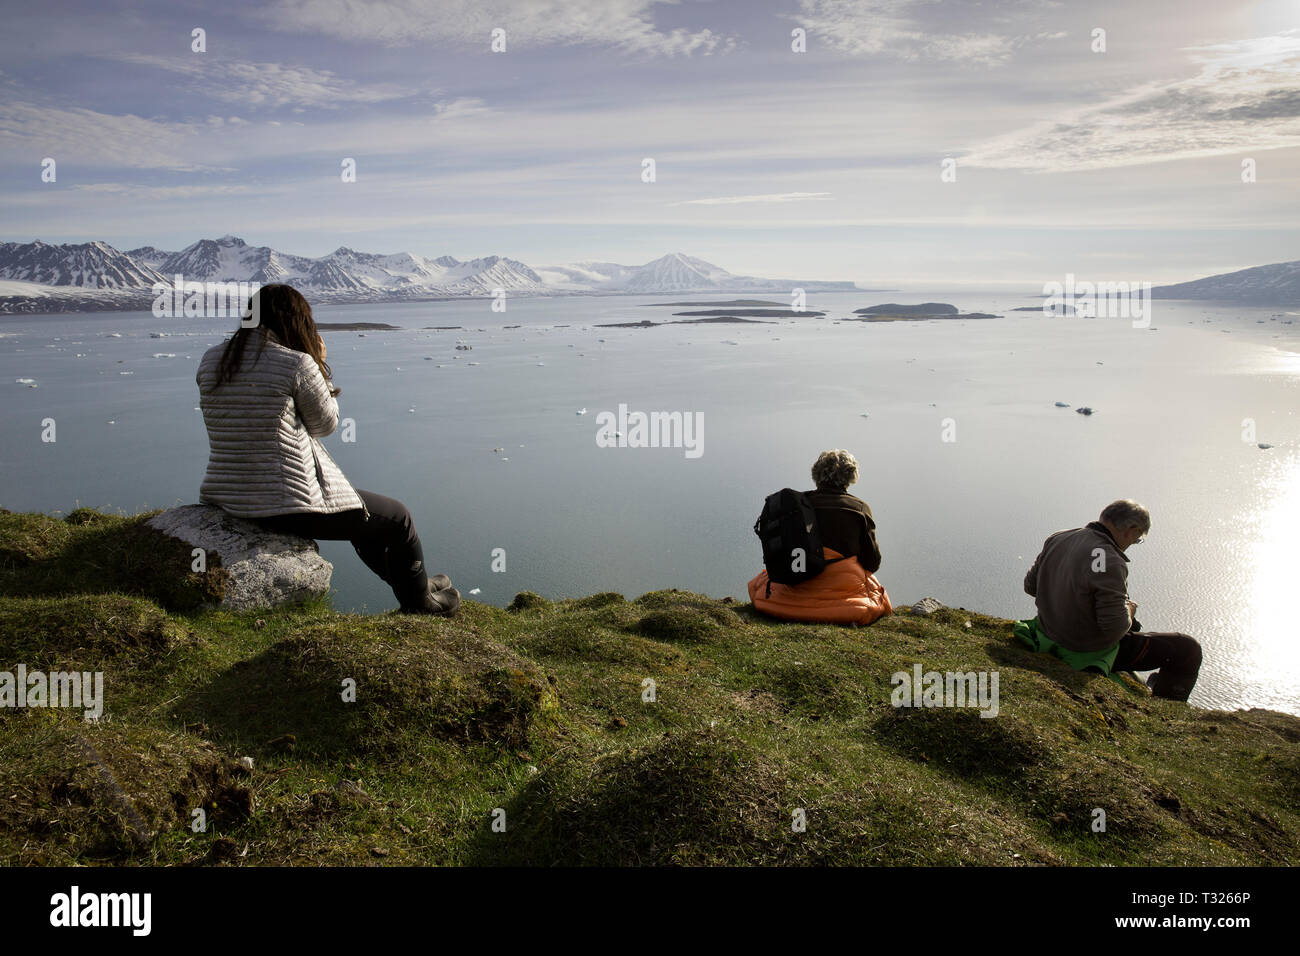 Touristen, Panorama, Spitzbergen, Arktis, Norwegen Stockbild